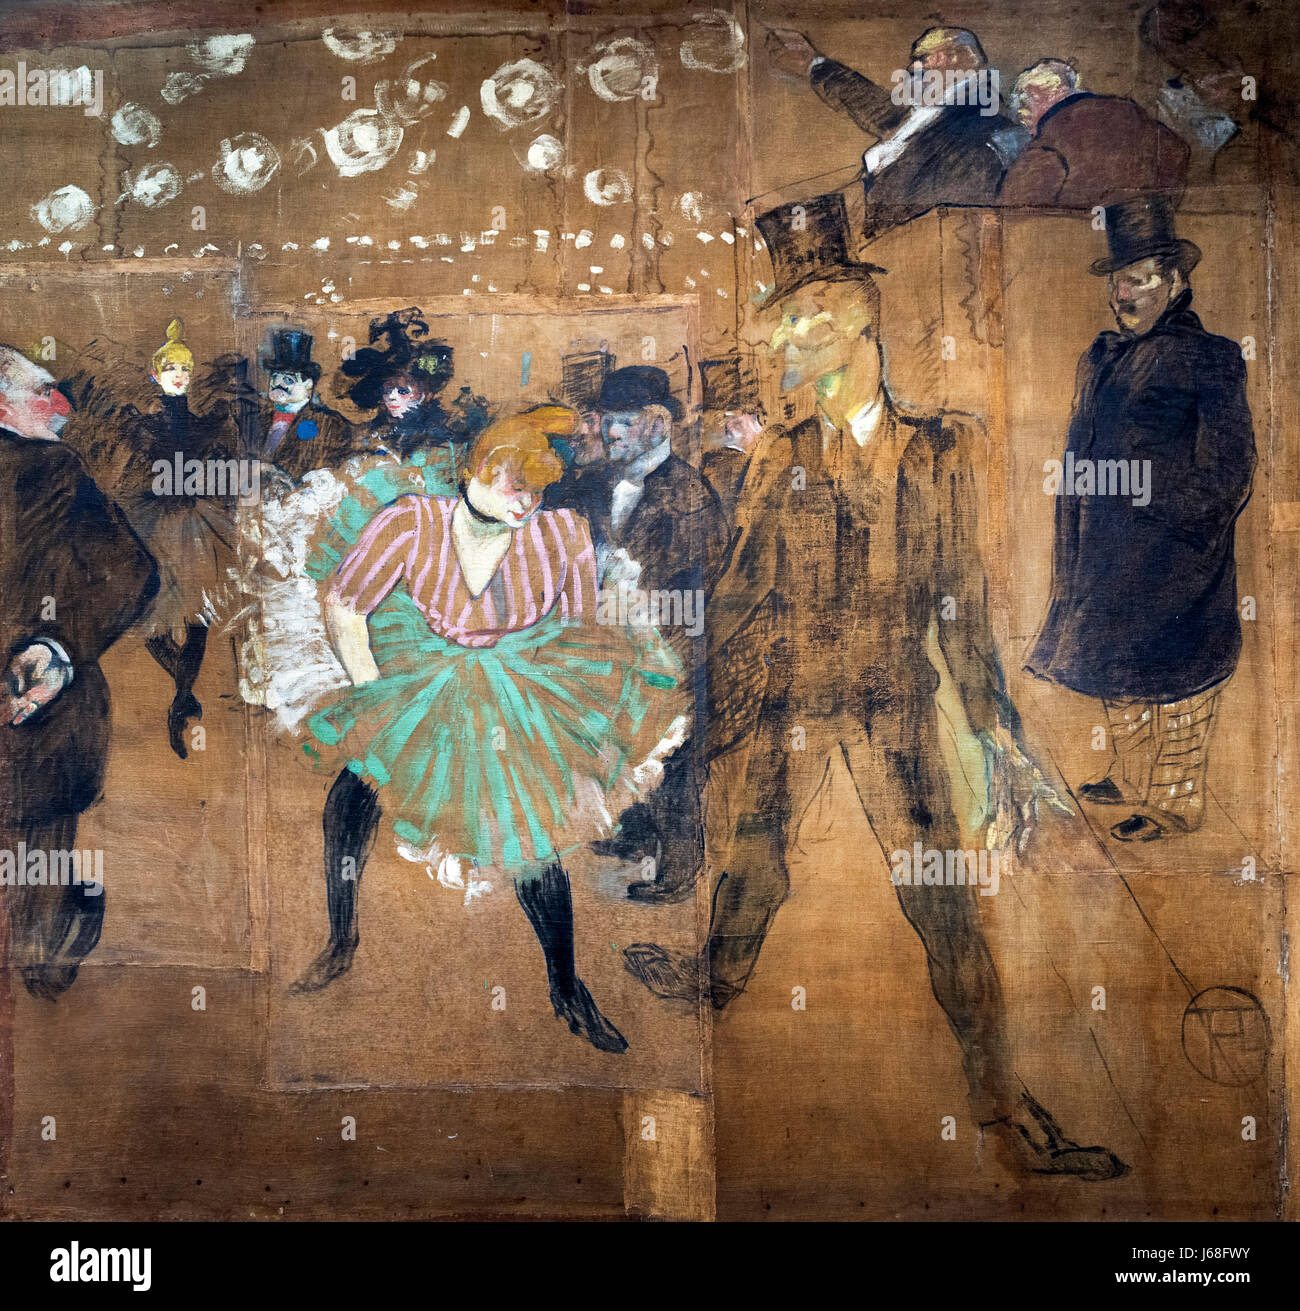 Toulouse-Lautrec painting. 'La Danse au Moulin Rouge' (Dance at the Moulin Rouge) by Henri de Toulouse-Lautrec - Stock Image